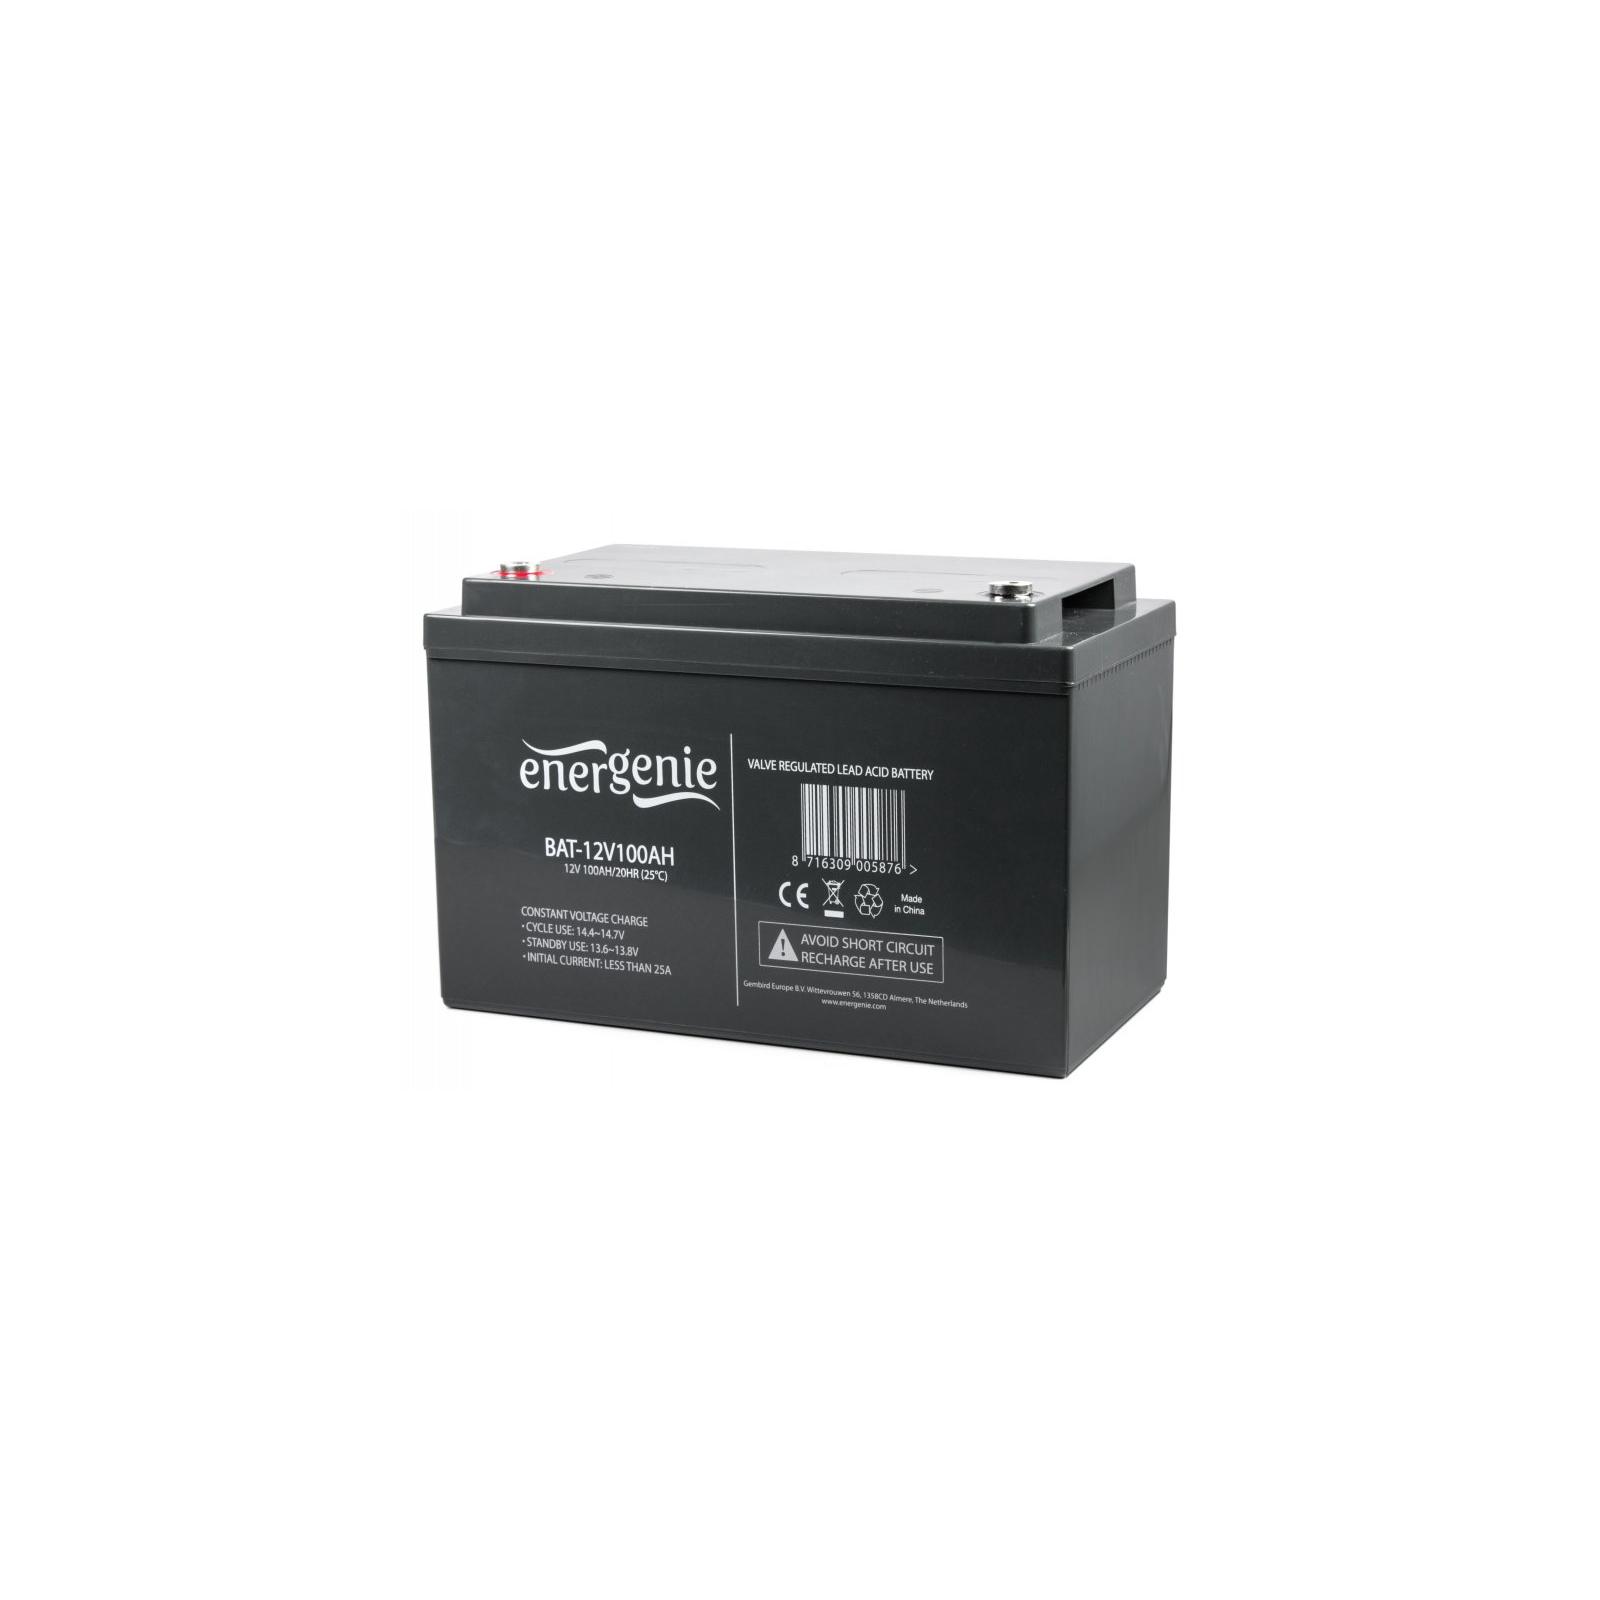 Батарея к ИБП EnerGenie 12В 100 Ач (BAT-12V100AH)